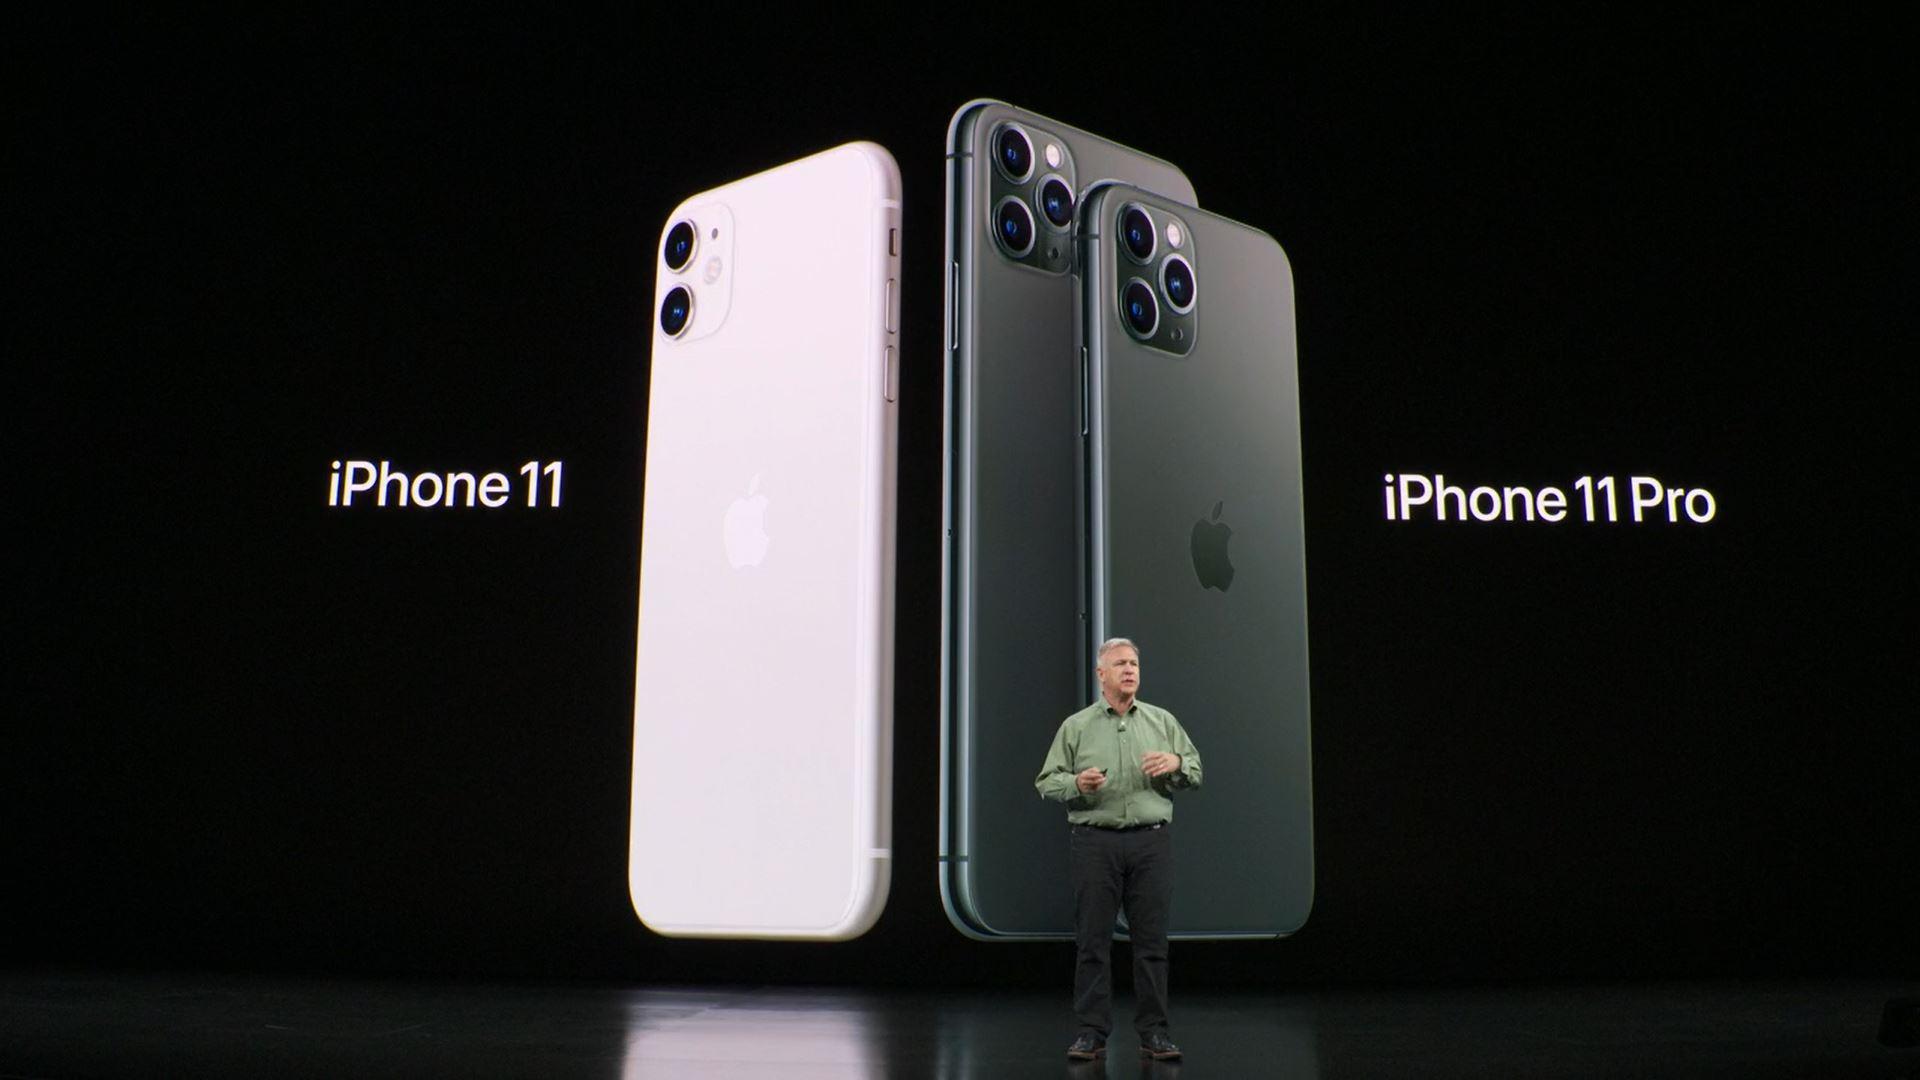 iPhone está a ser um sucesso de vendas. Preço mais baixo ajuda